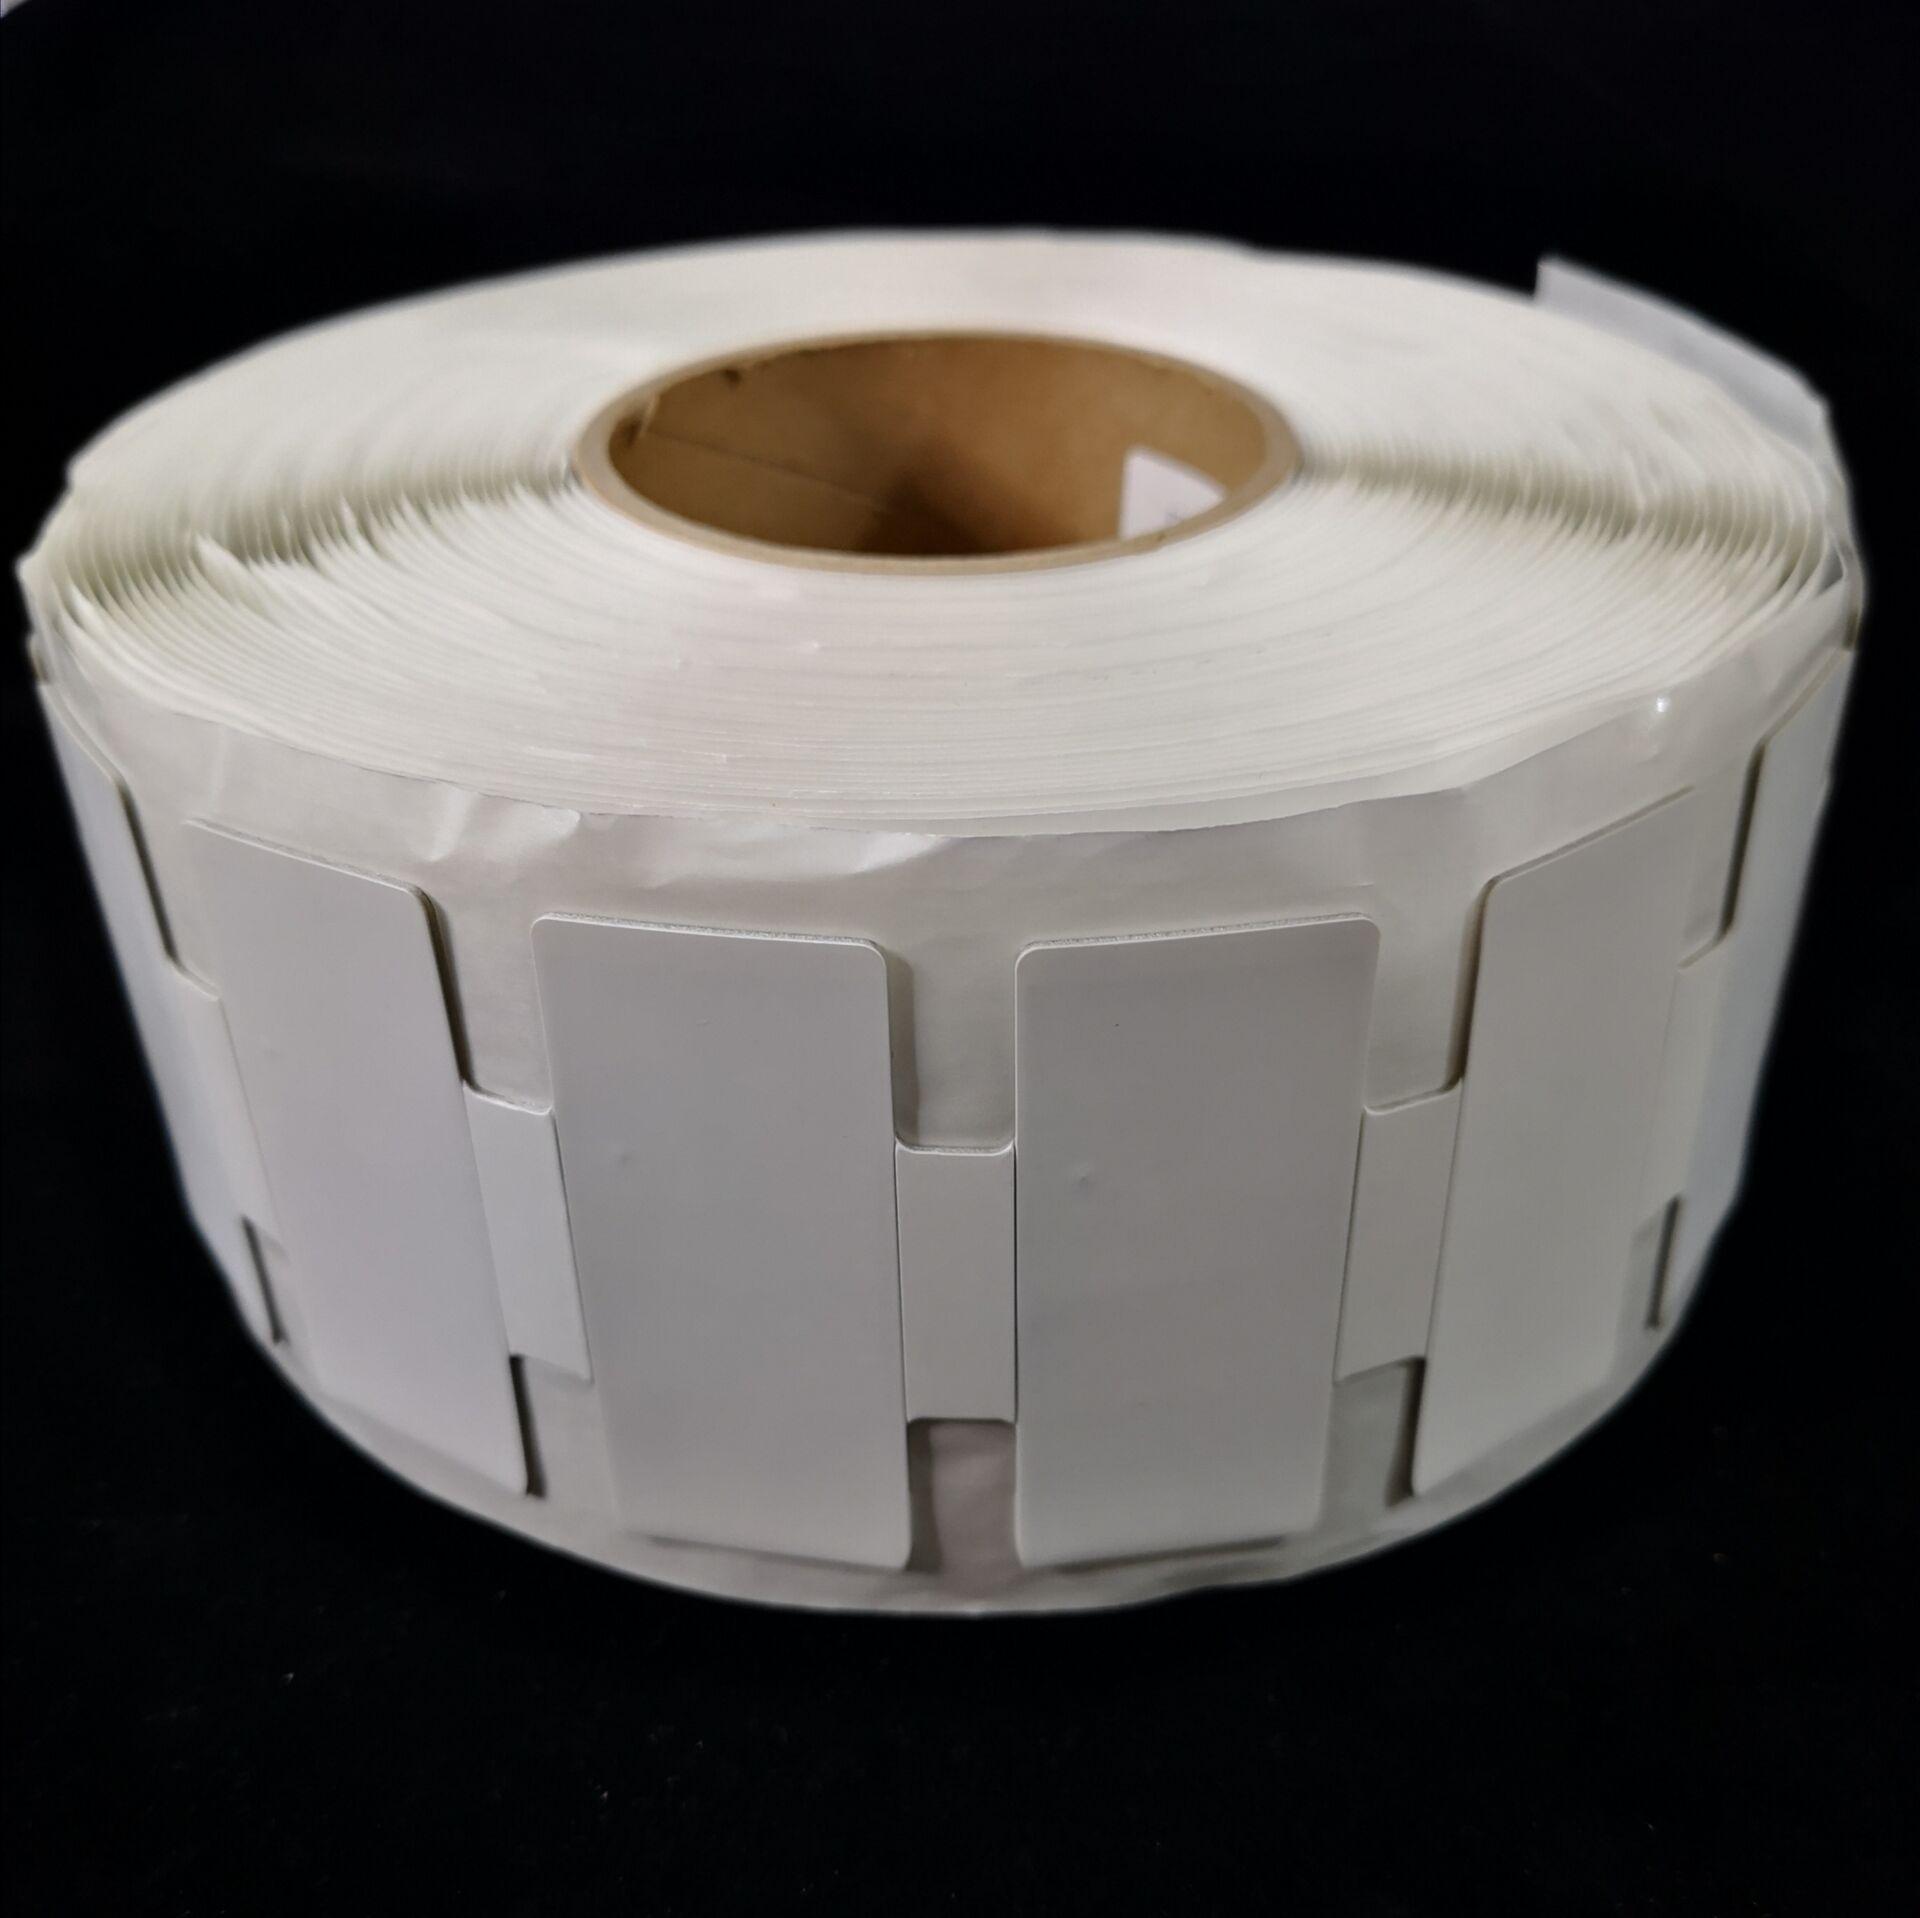 恺乐KLR7030 不干胶RFID打印电子标签 超高频